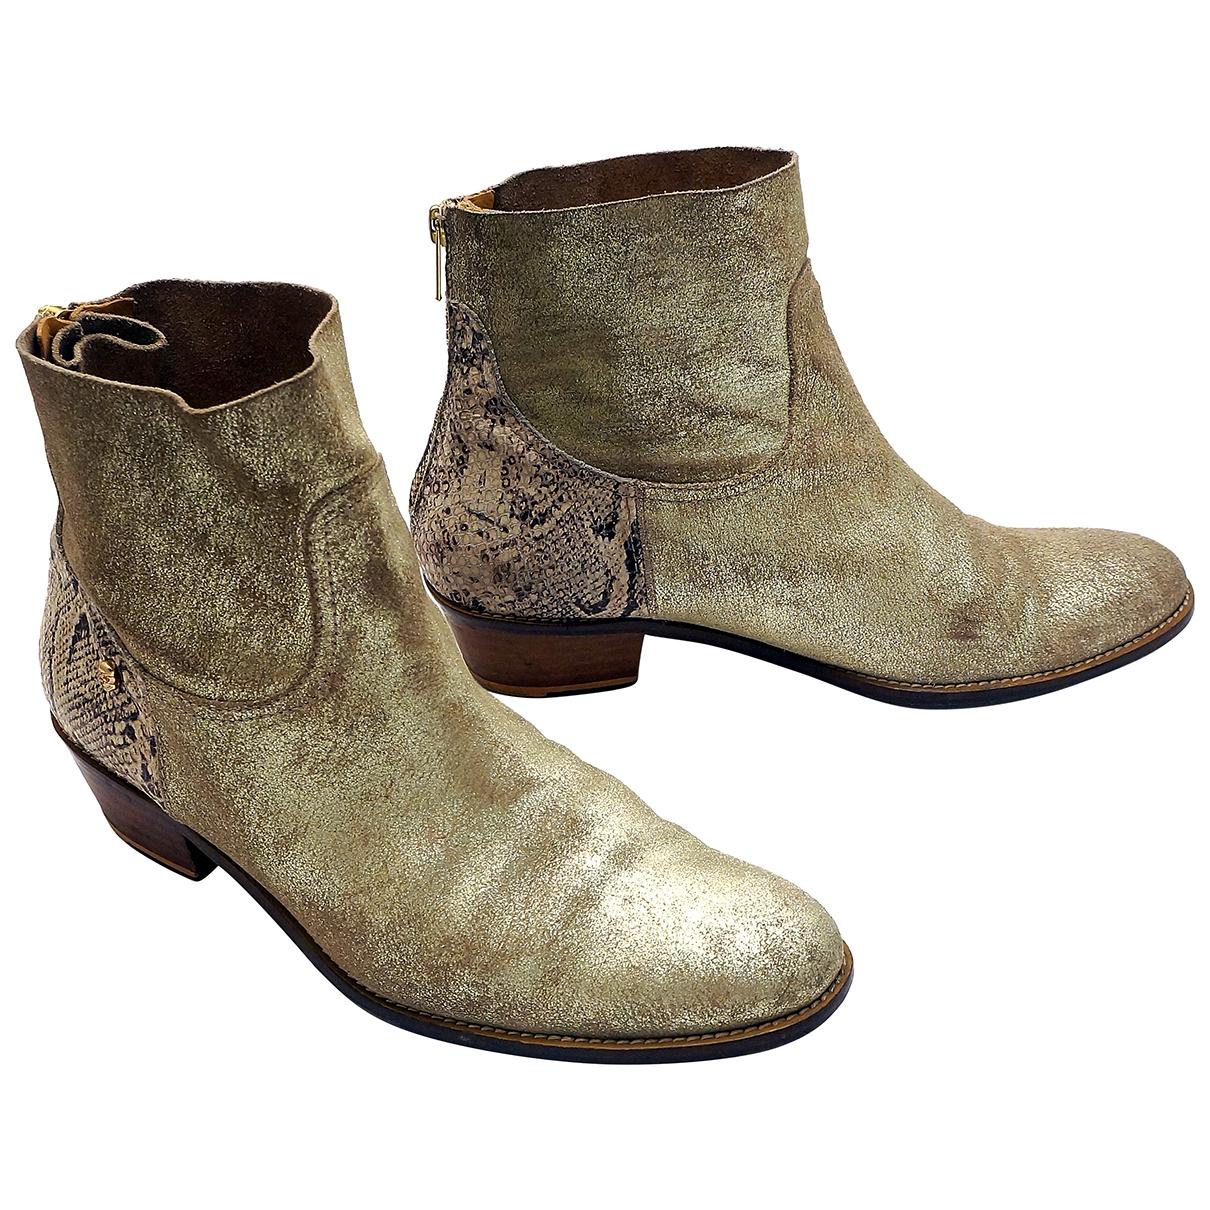 Zadig & Voltaire - Boots   pour femme en cuir - dore